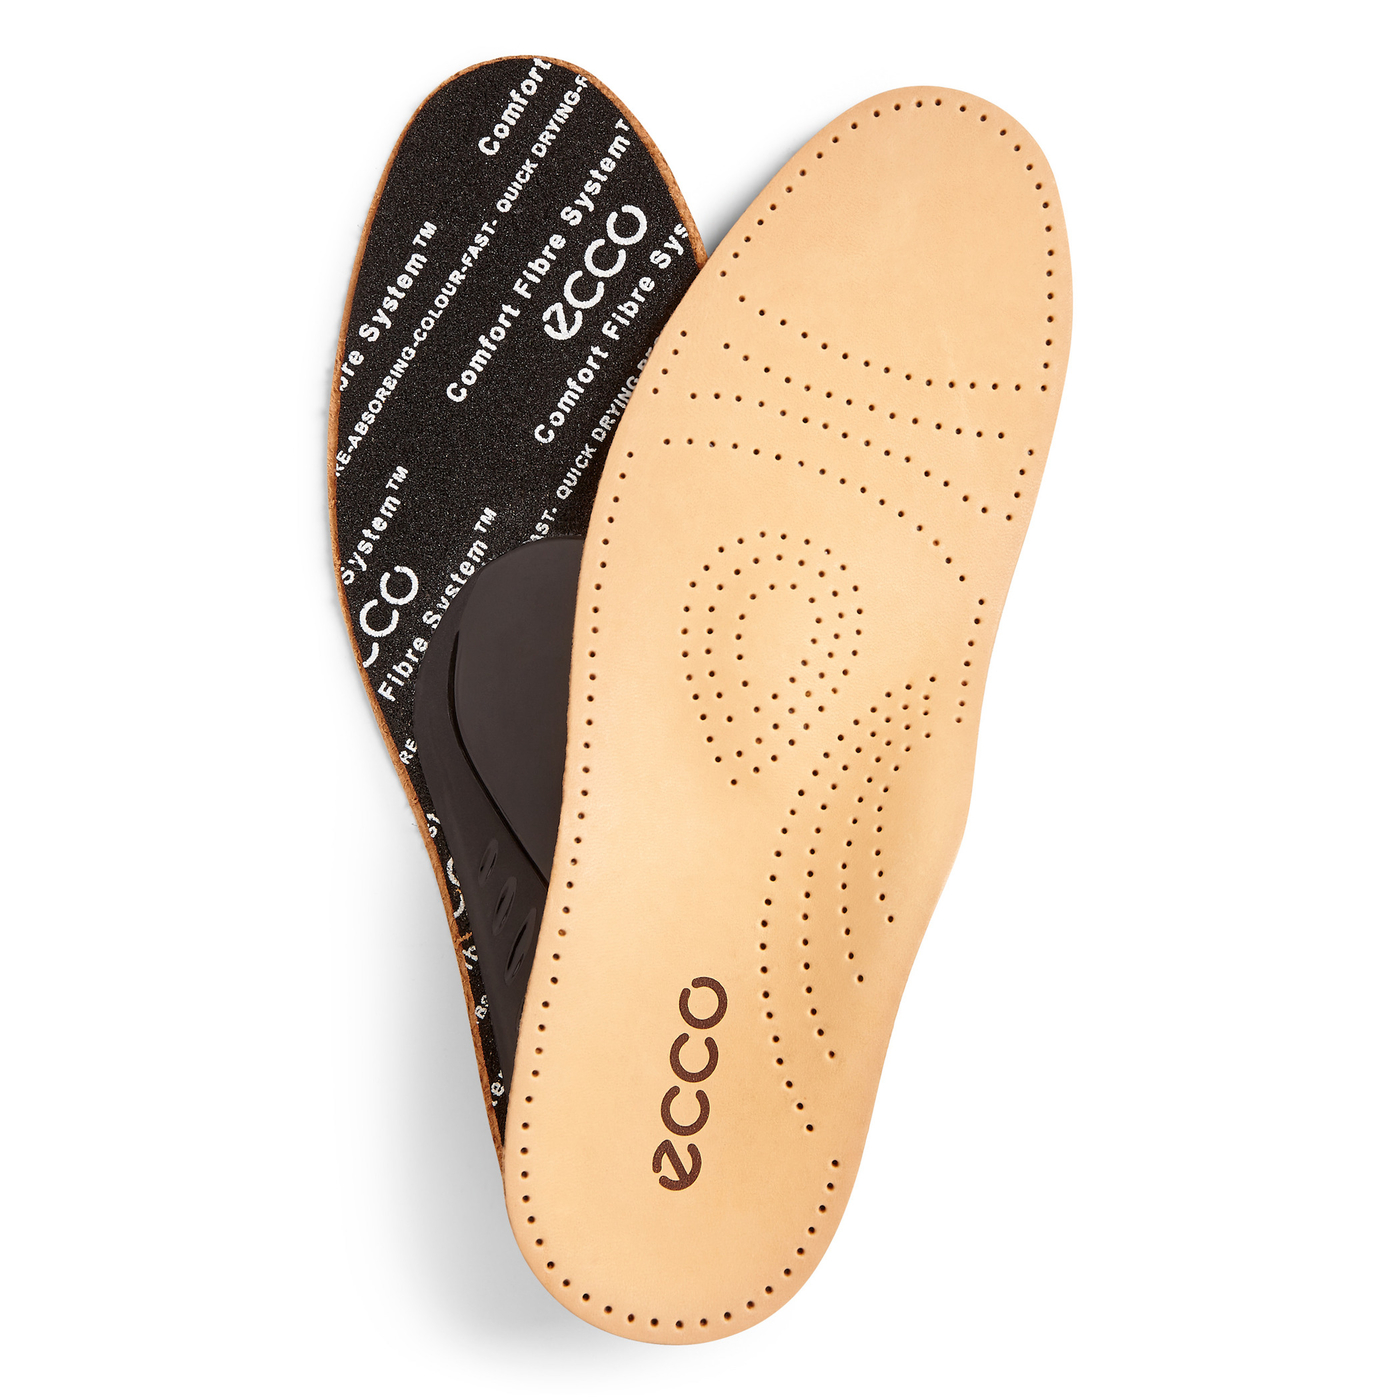 ECCO Premium Leather Footbed